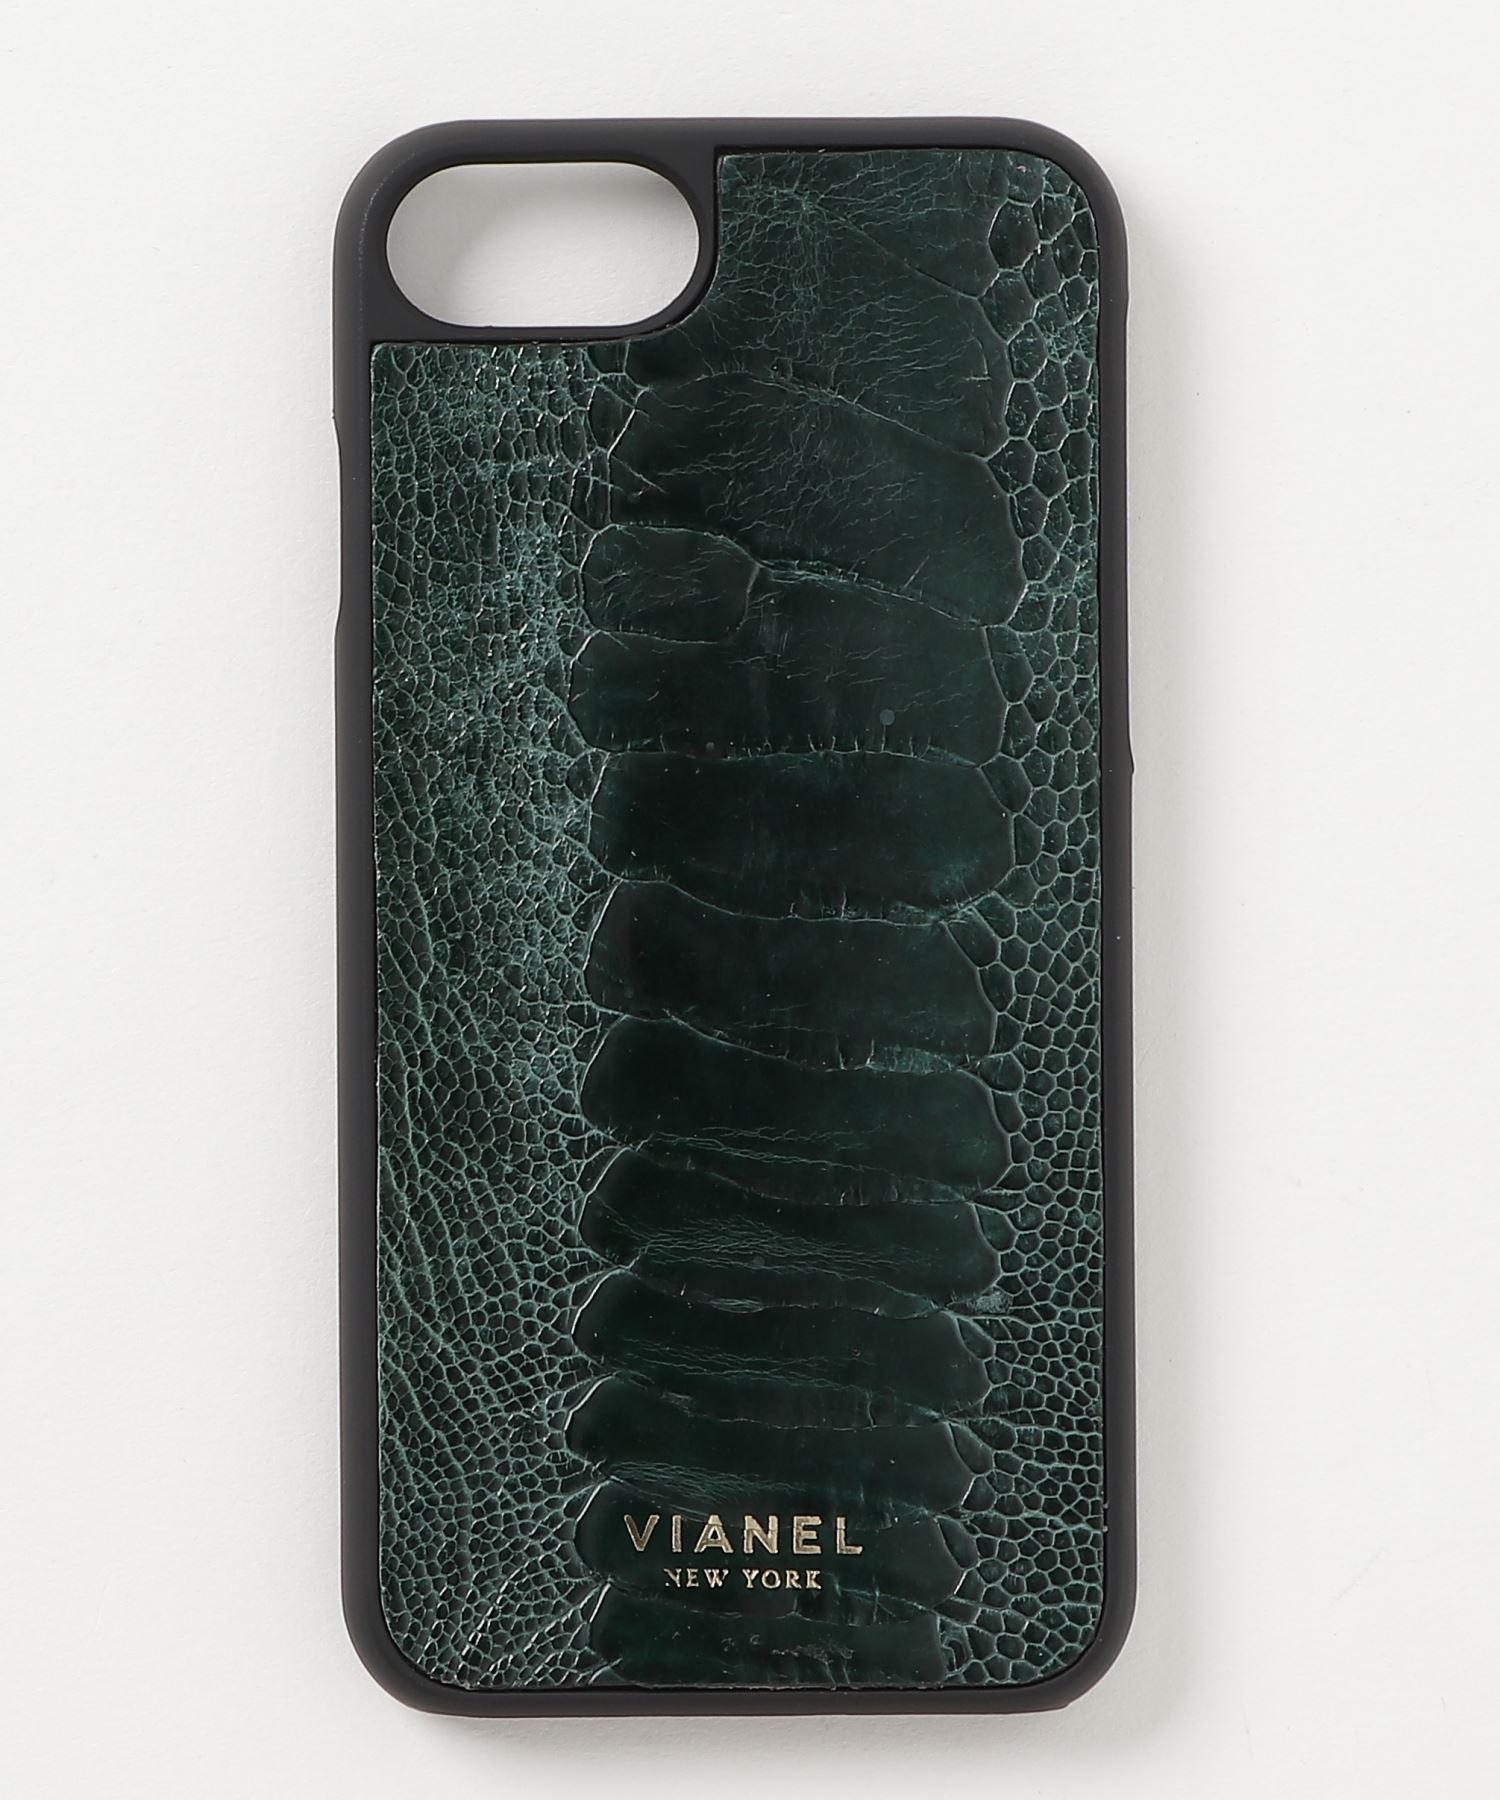 VIANEL NEW YORK iPhone 7/8 Case